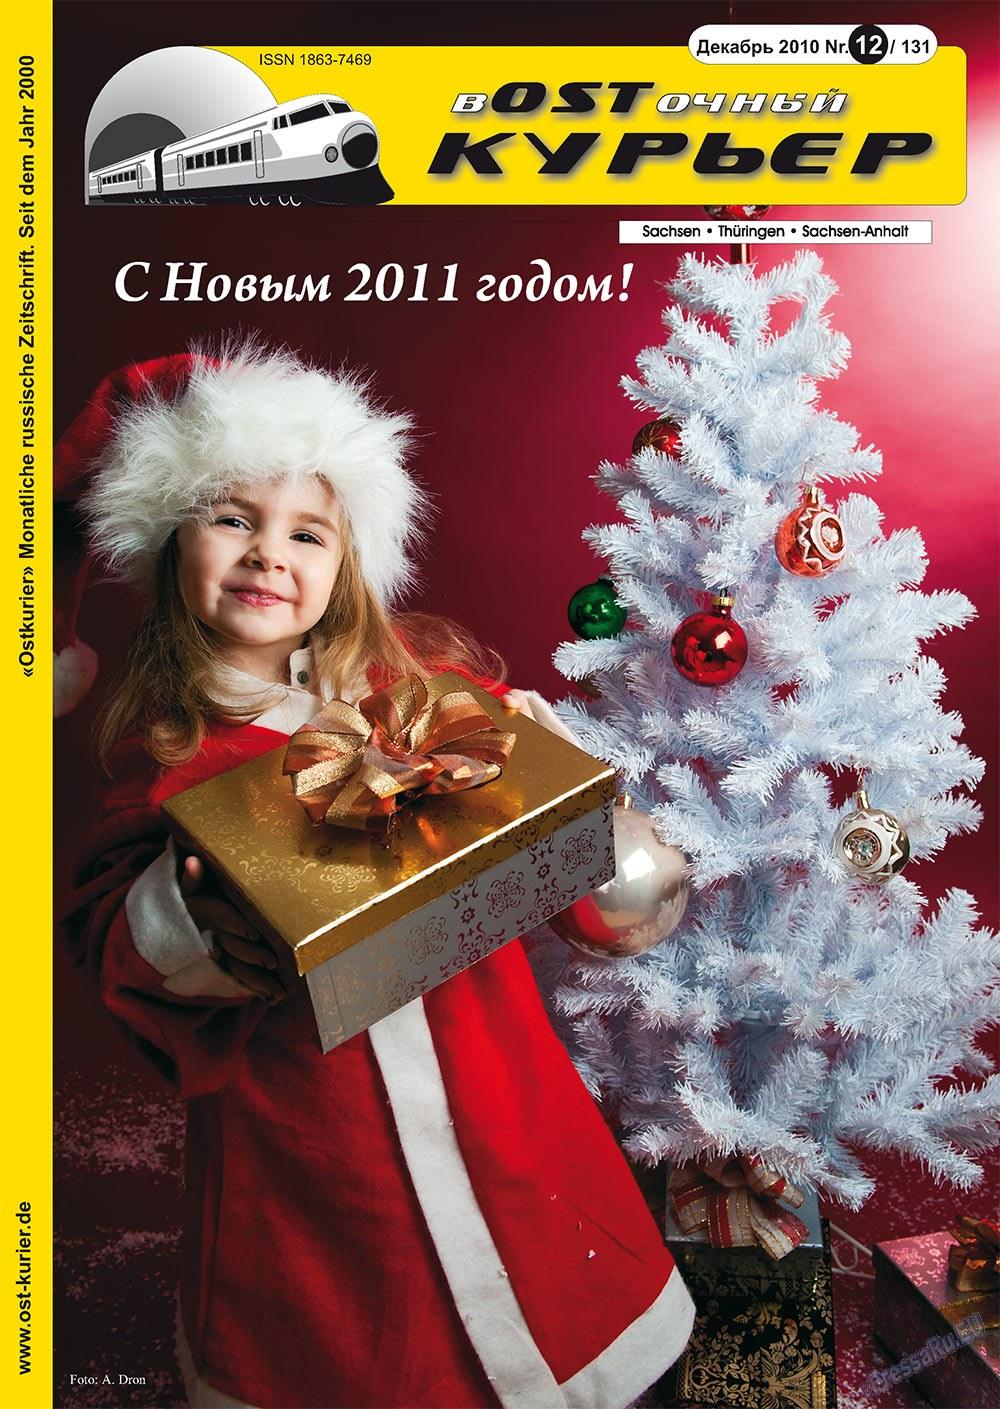 Восточный курьер (журнал). 2010 год, номер 12, стр. 1